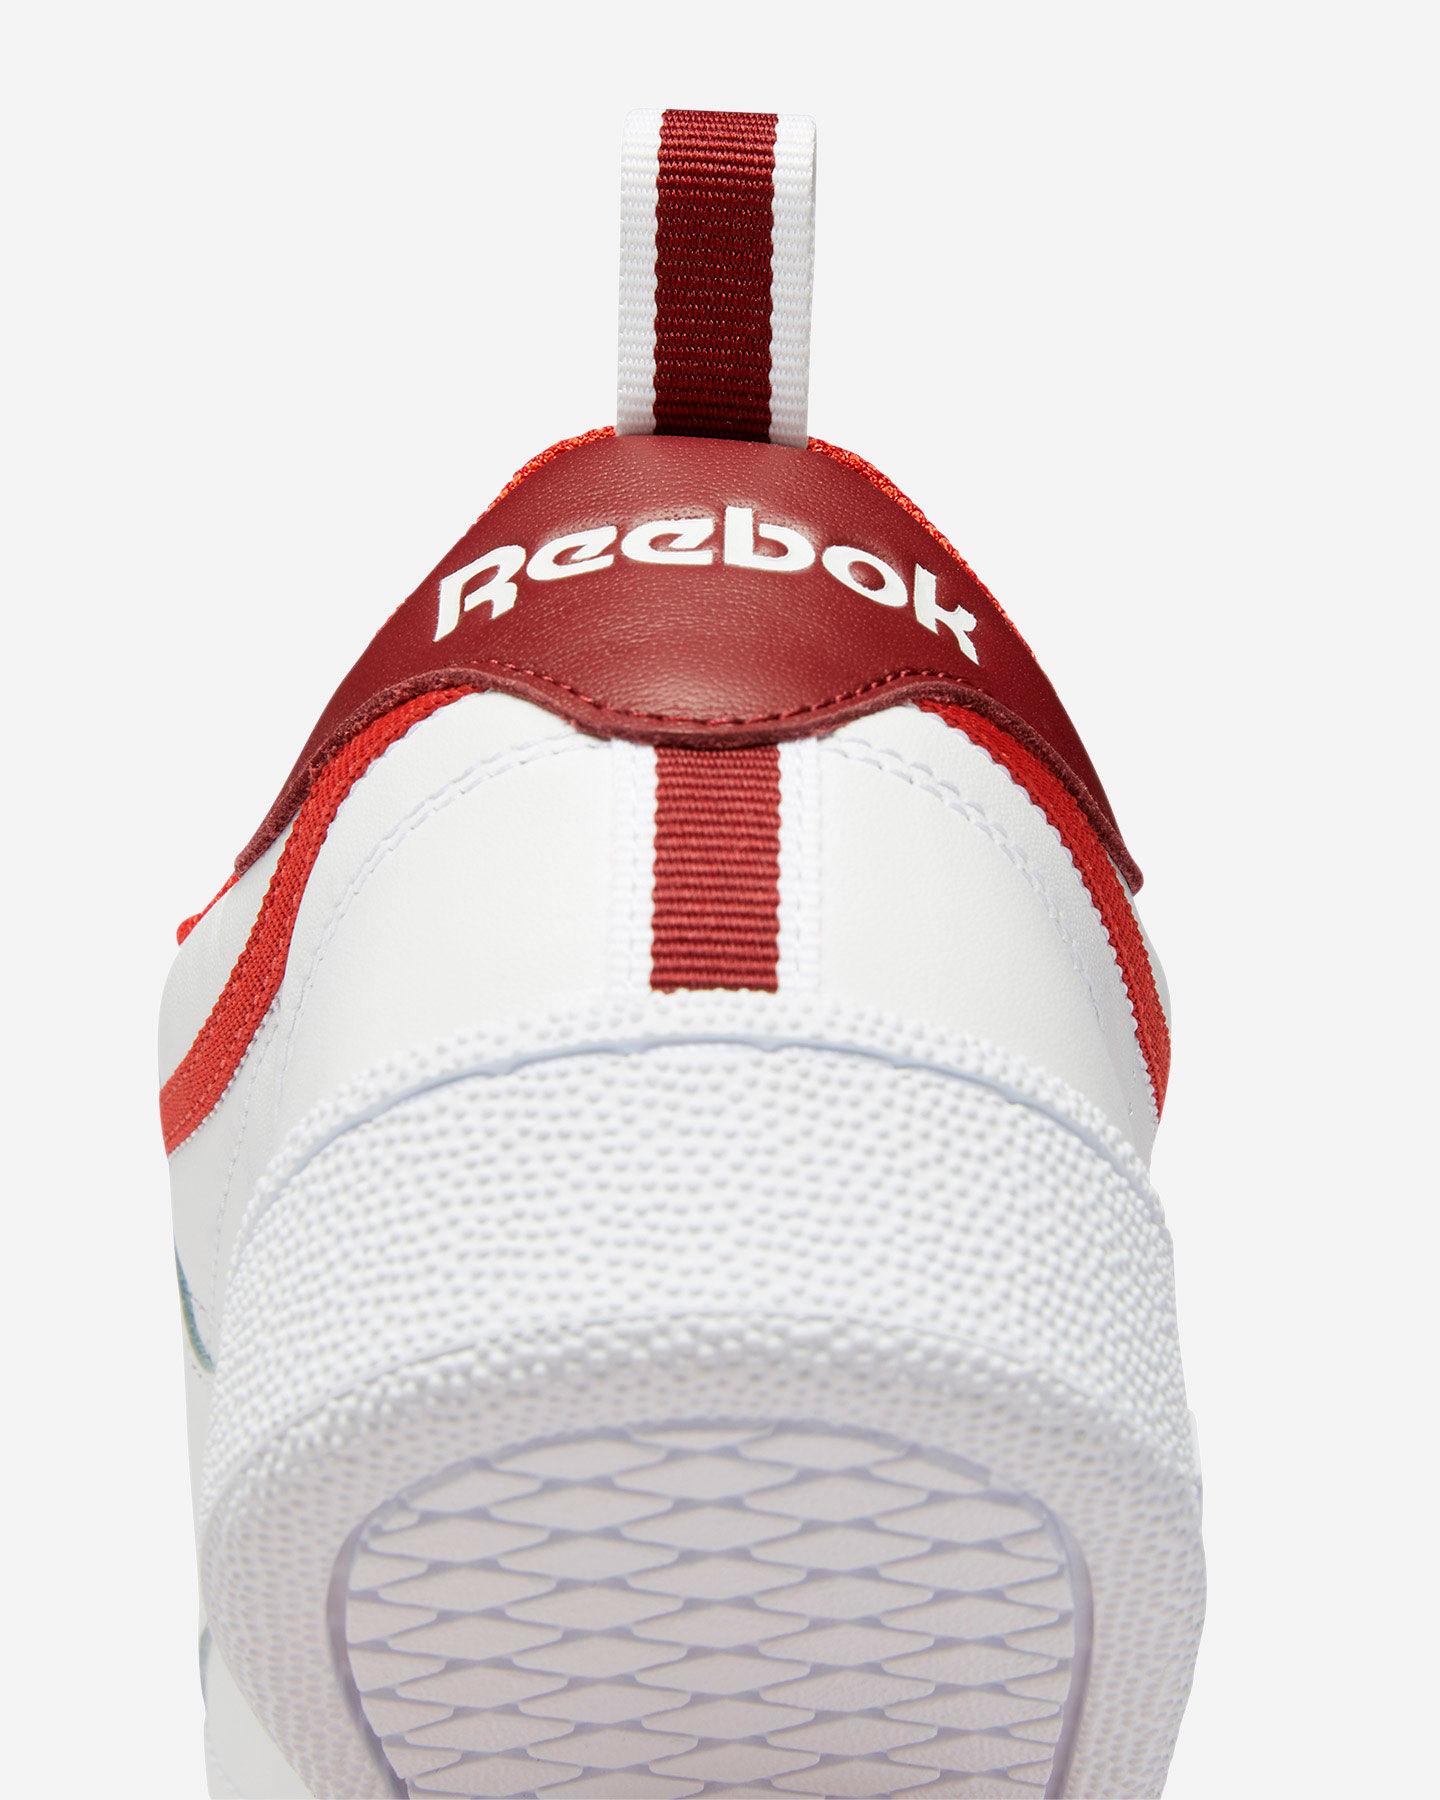 Scarpe sneakers REEBOK CLUB C 85 M S5215979 scatto 5